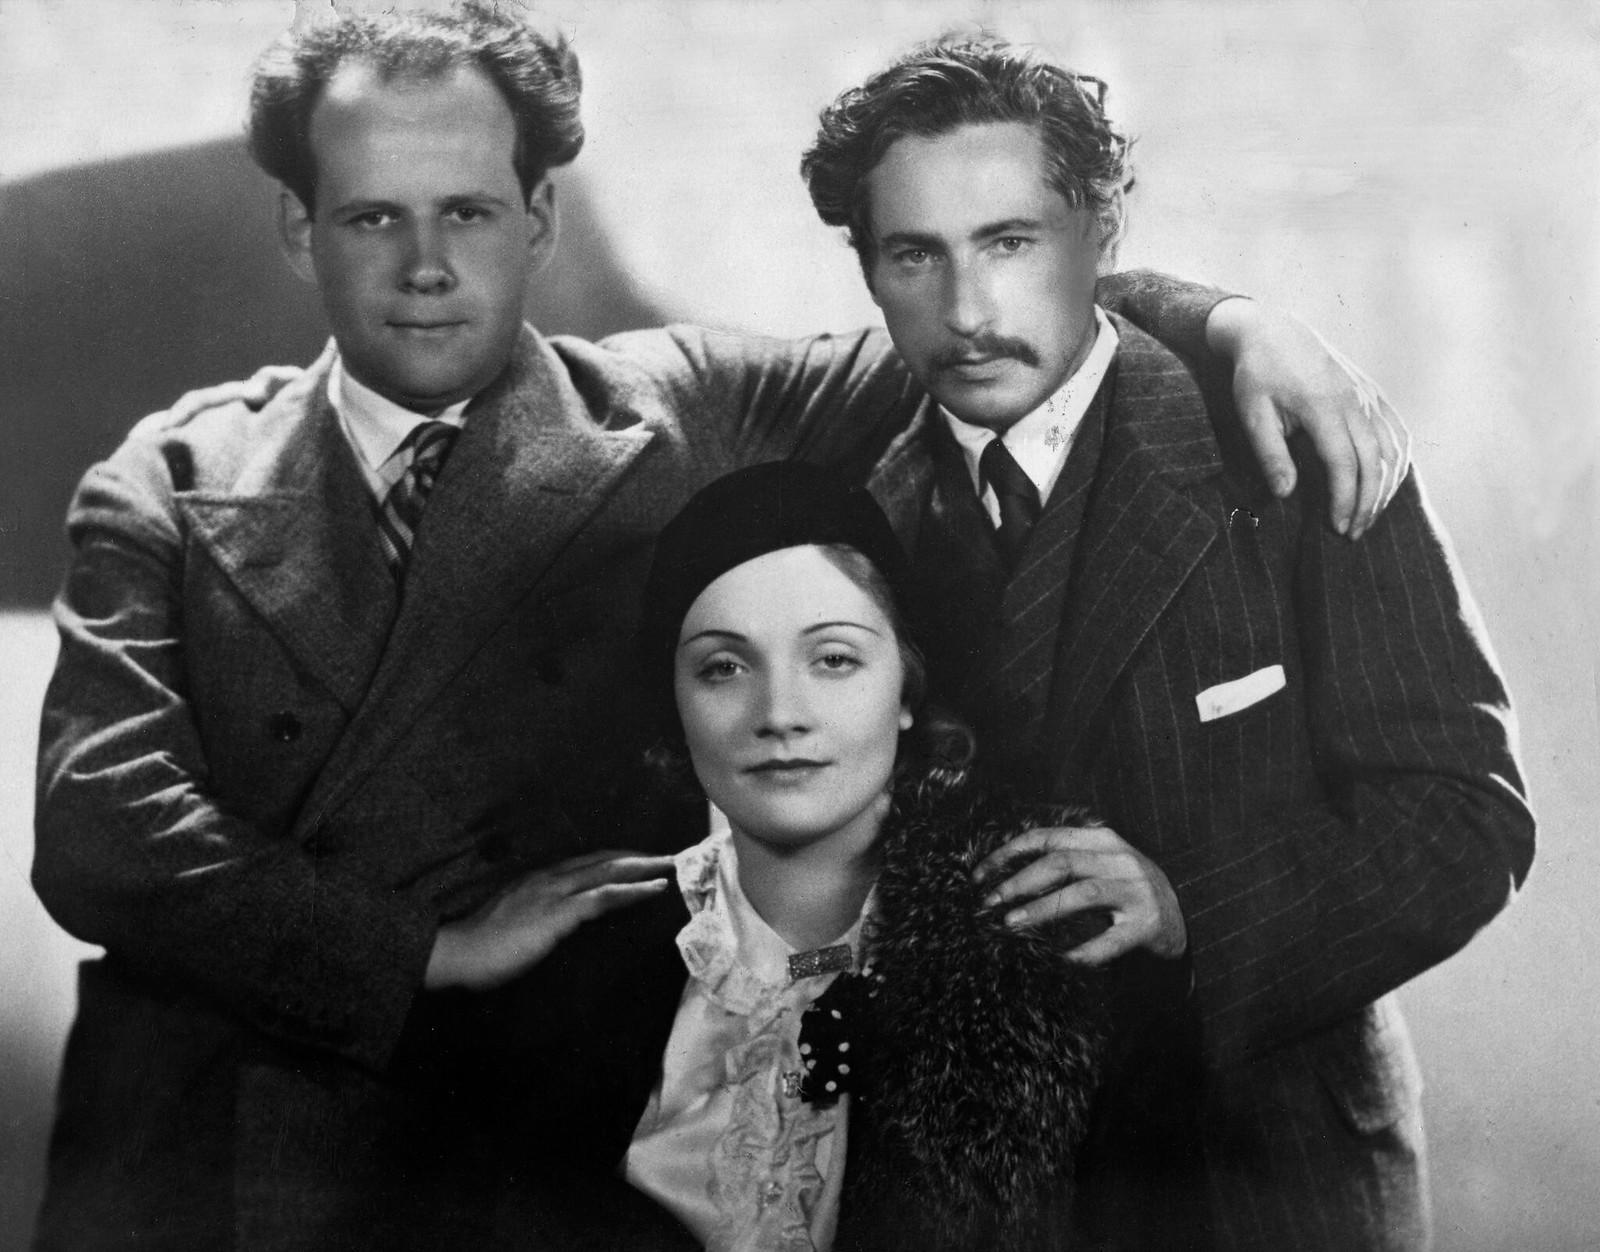 1930. Сергей Эйзенштейн, американский кинорежиссер Йозеф фон Штернберг и Марлен Дитрих фотографируются в Голливуде